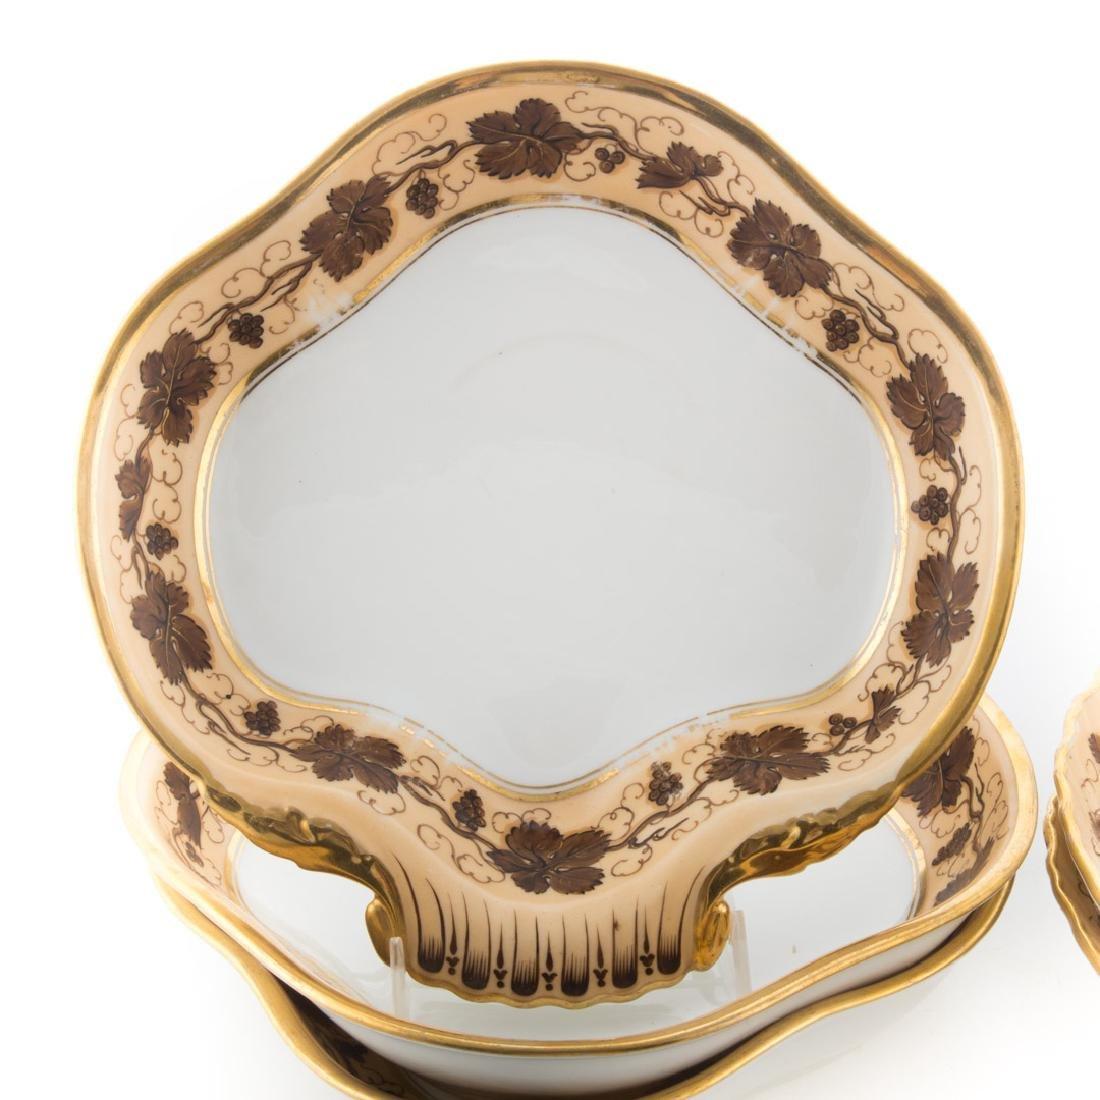 Six Pochet D' a Paris porcelain serving dishes - 2